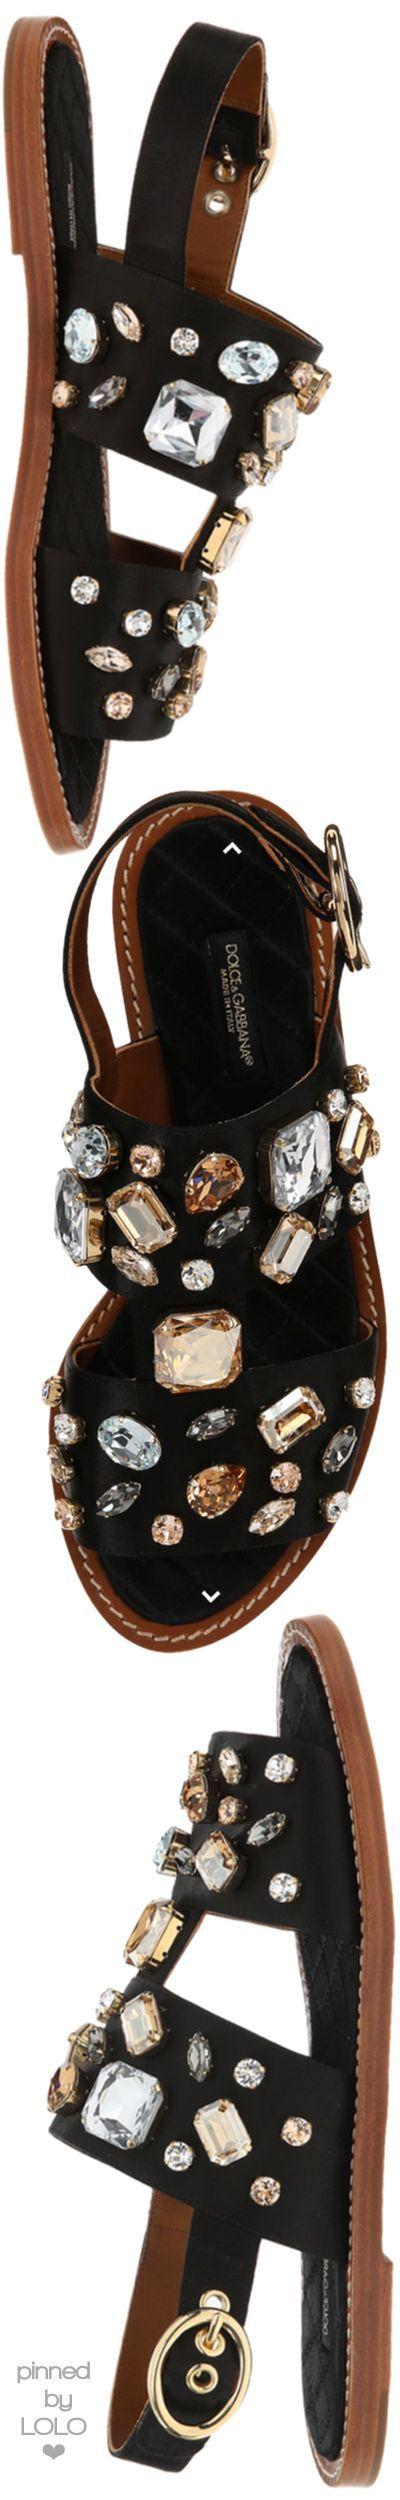 Dolce & Gabbana Black Embellished Satin Sandals | LOLO❤︎: